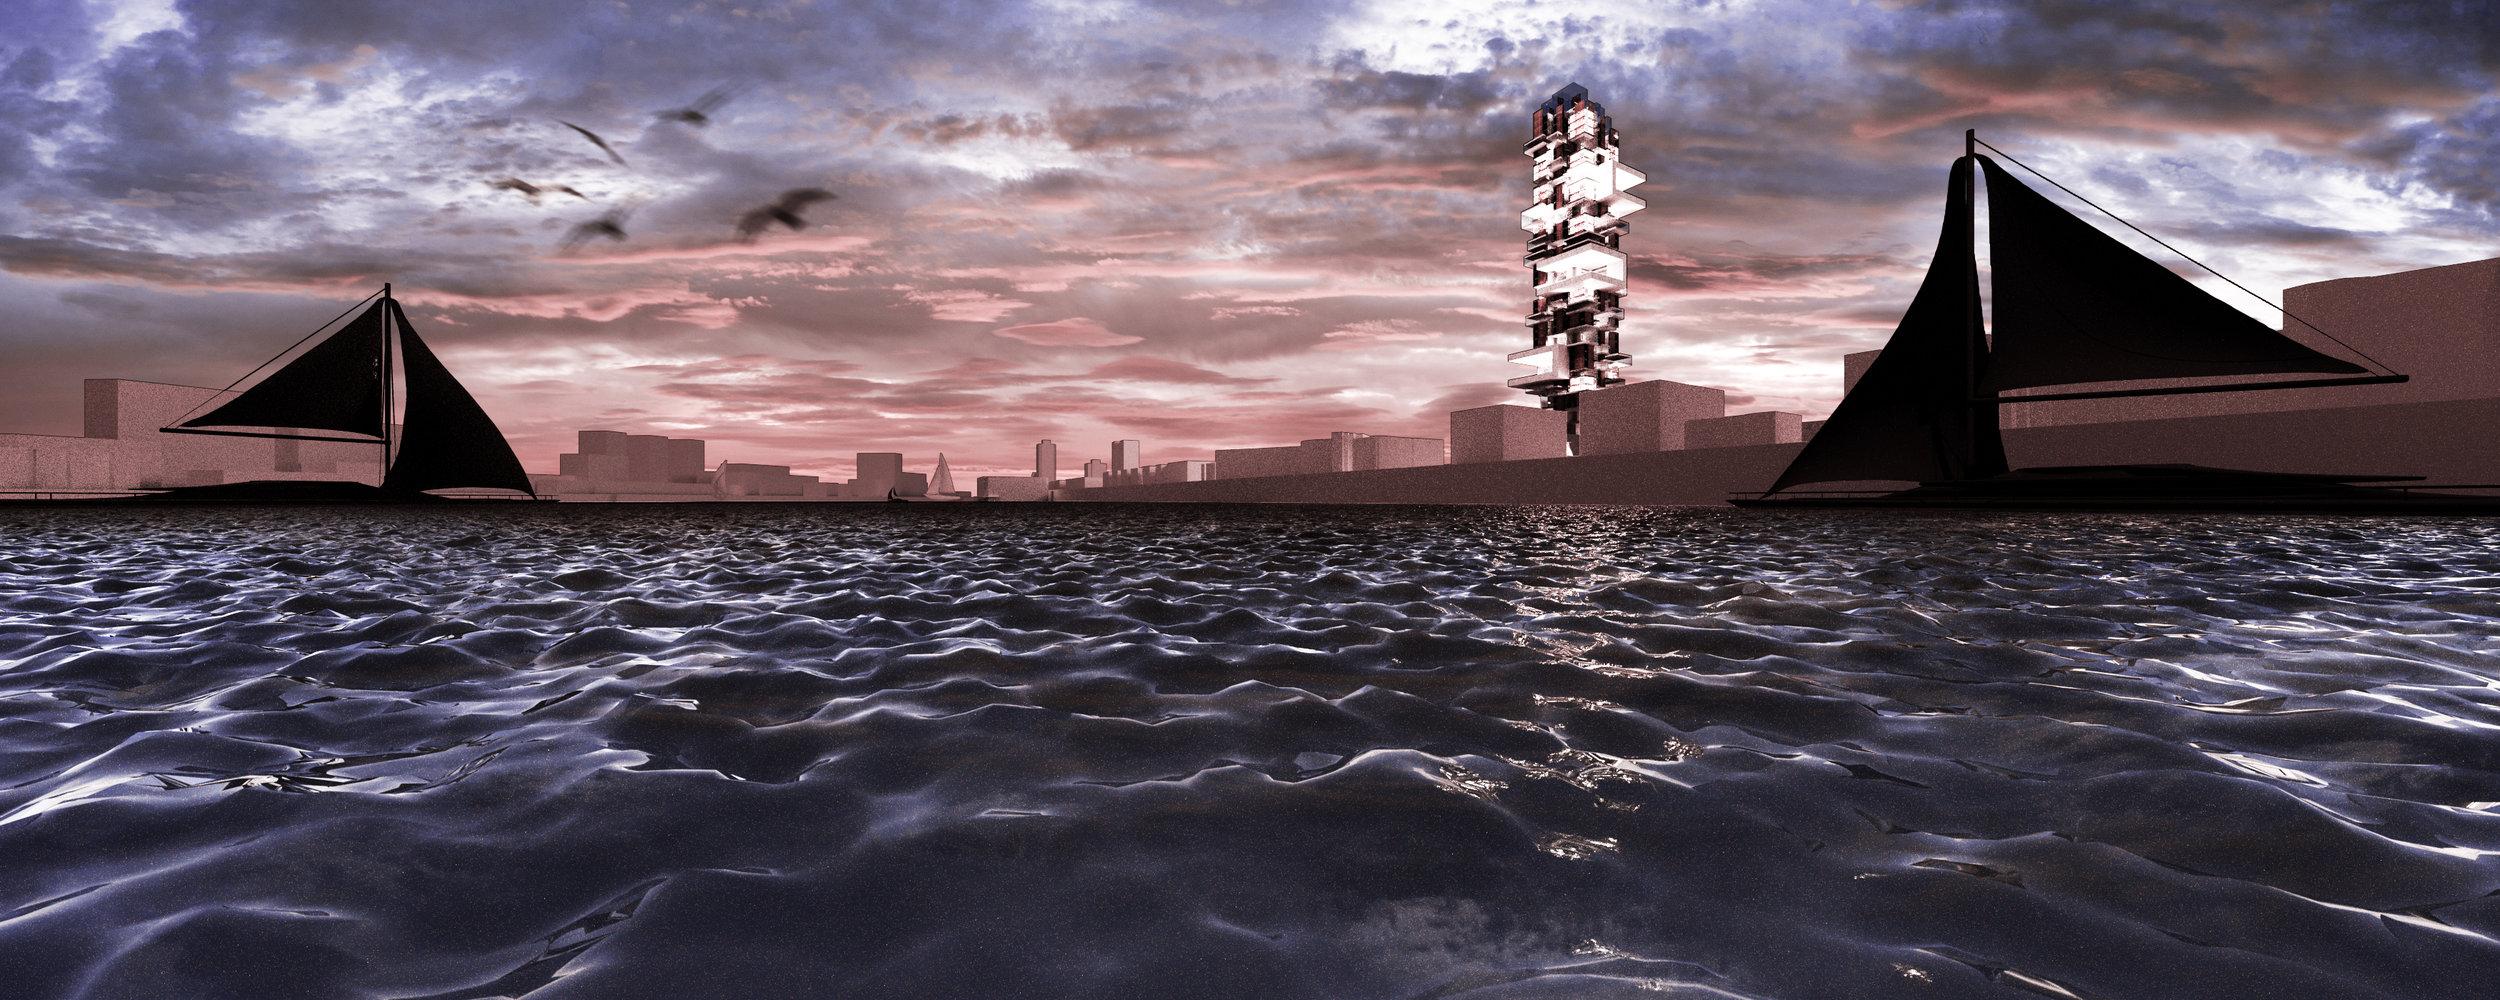 Night_Water.jpg